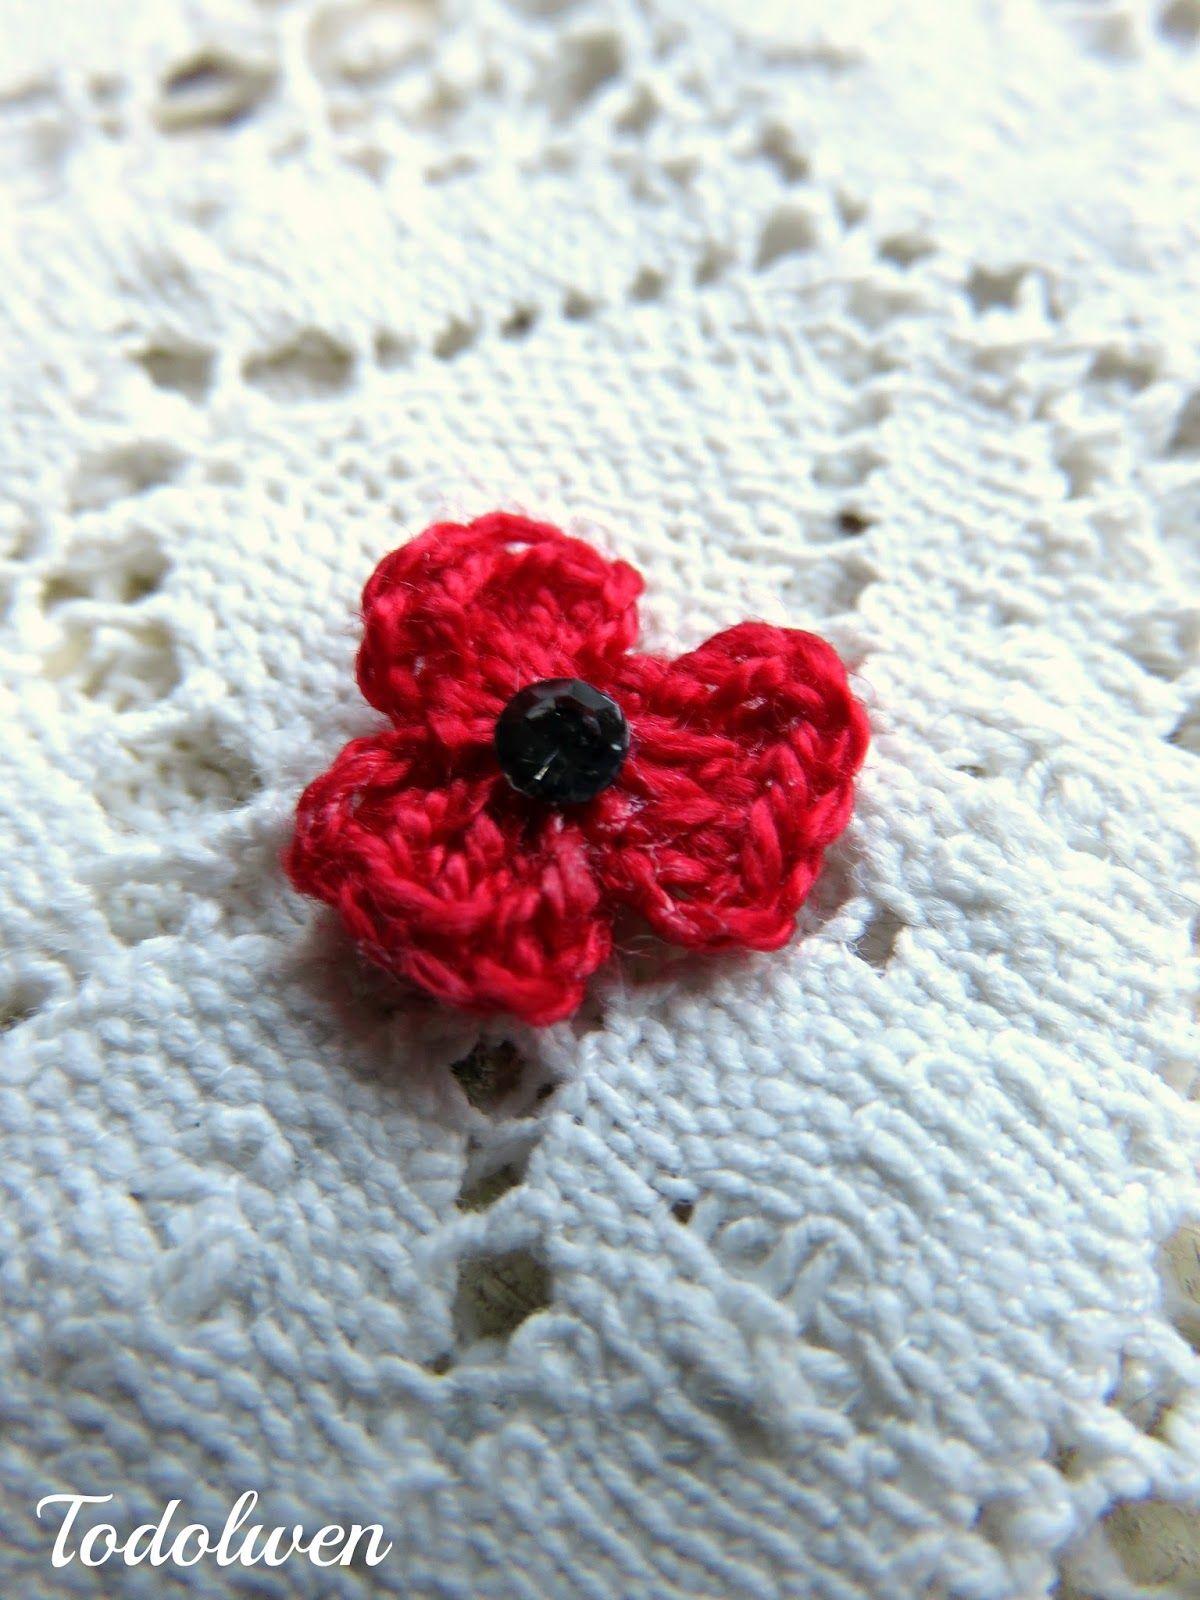 Todolwen new my little poppy hook it pinterest free todolwen new my little poppy crochet poppyflower crochetdiy crochetfree bankloansurffo Image collections